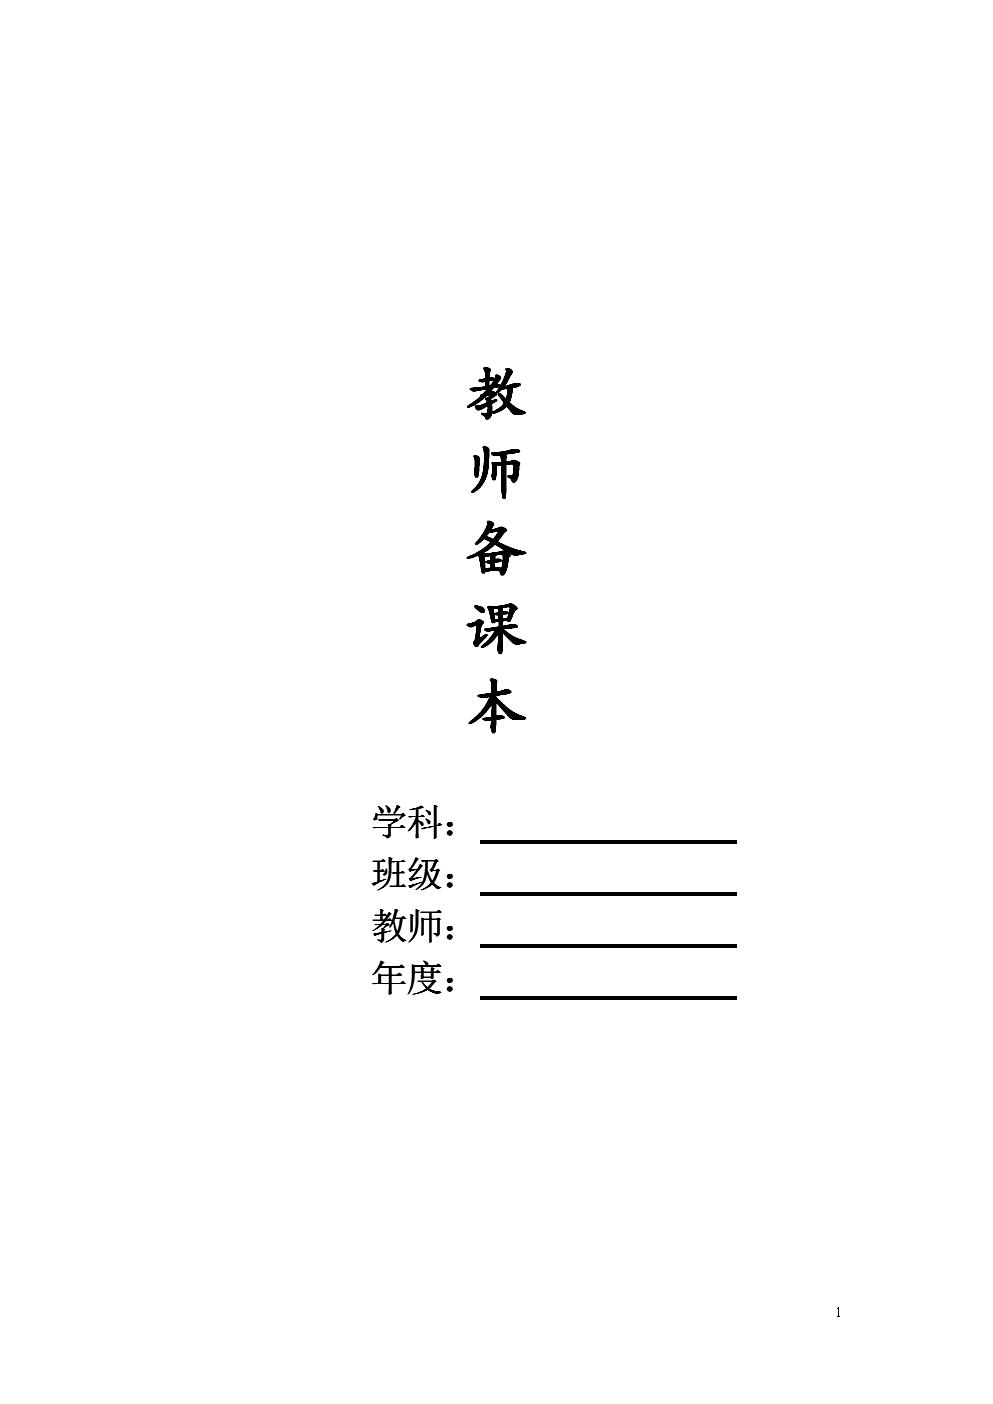 苏教版小学二年级上册语文教案全册.doc